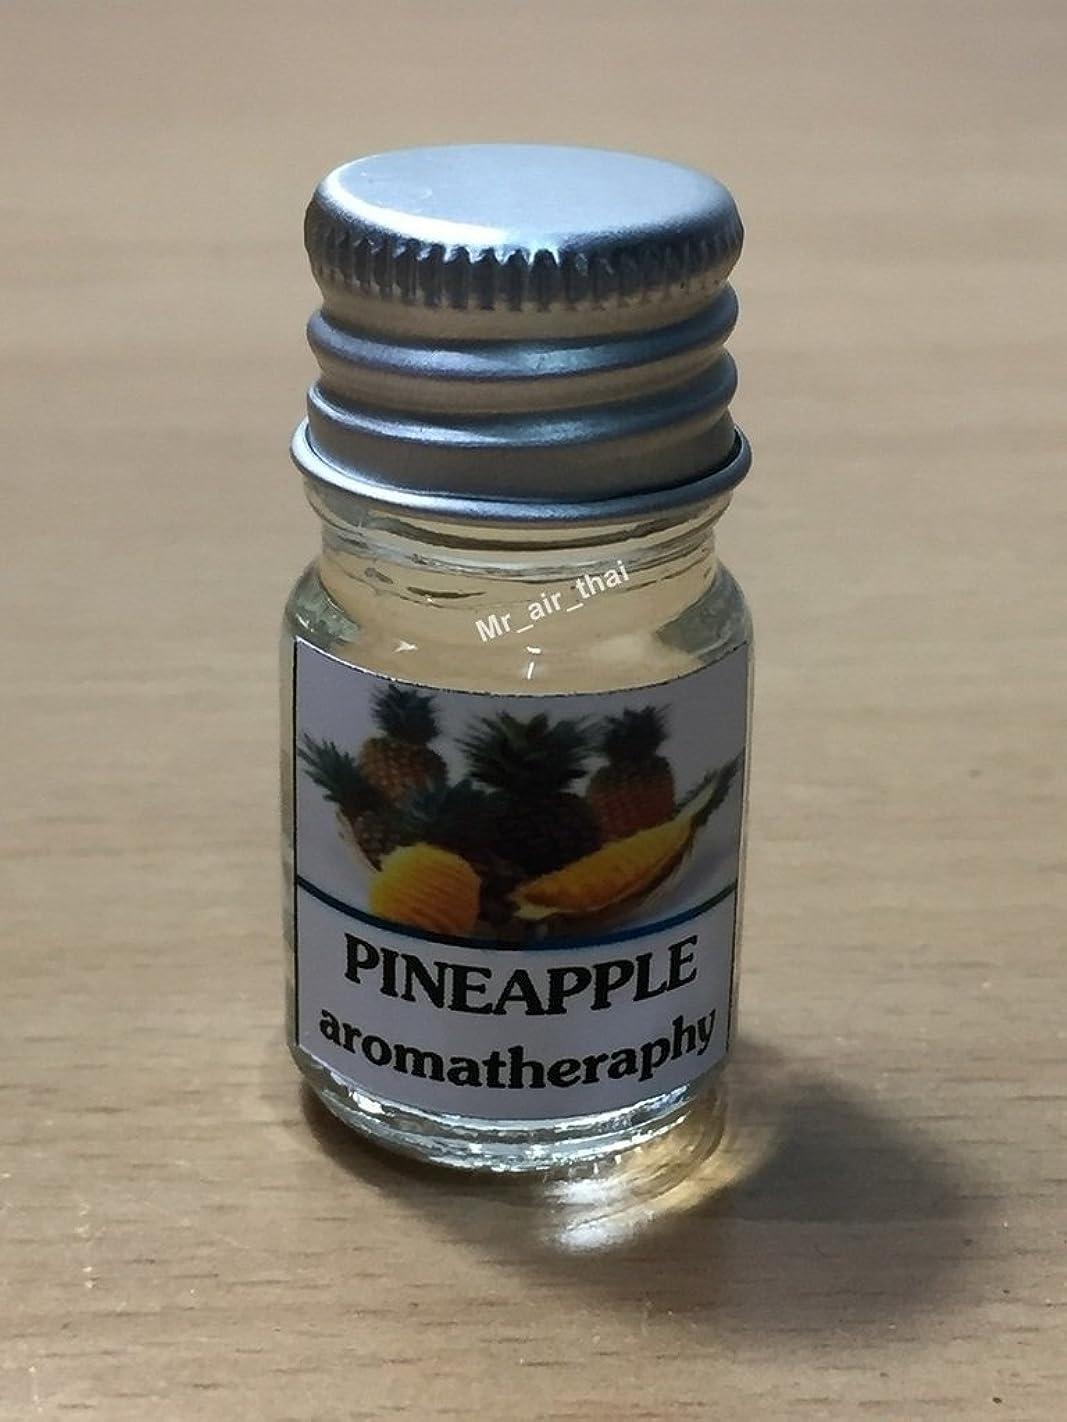 規模残基暫定5ミリリットルアロマパイナップルフランクインセンスエッセンシャルオイルボトルアロマテラピーオイル自然自然5ml Aroma Pineapple Frankincense Essential Oil Bottles Aromatherapy Oils natural nature